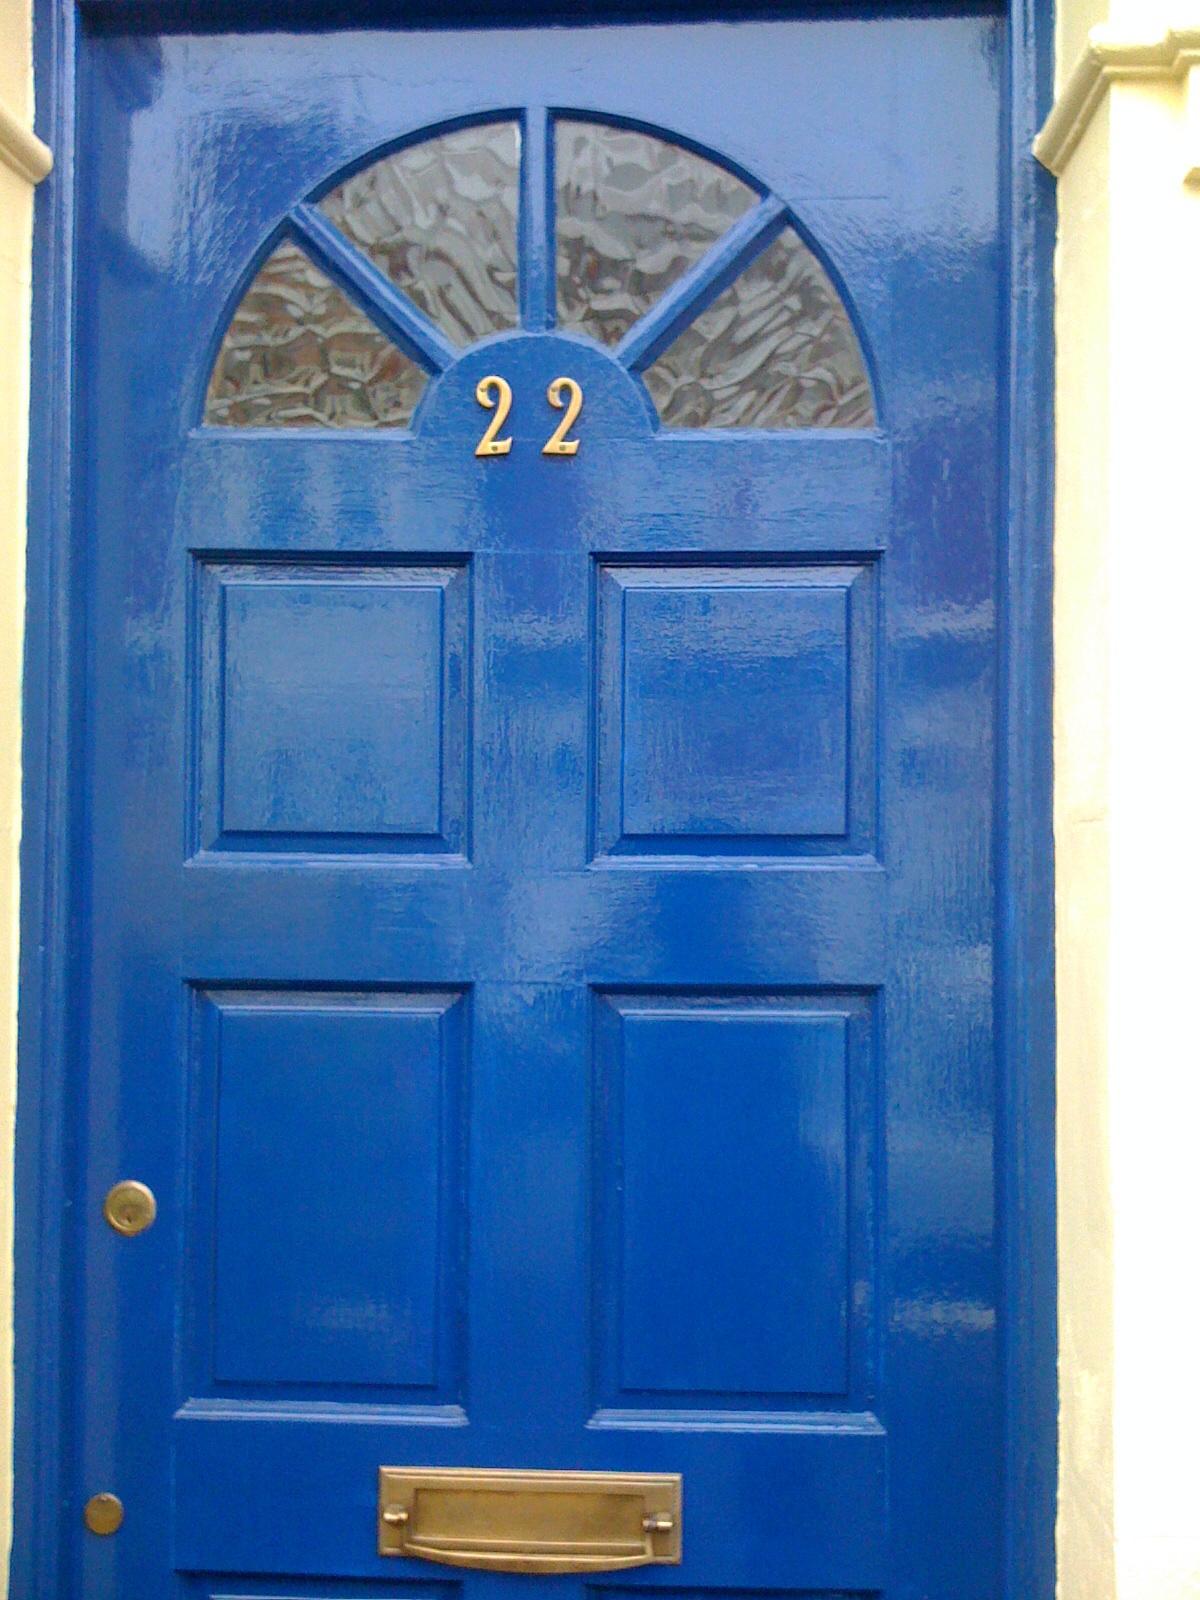 Door 22 of the Woman Next Door's advent calendar.